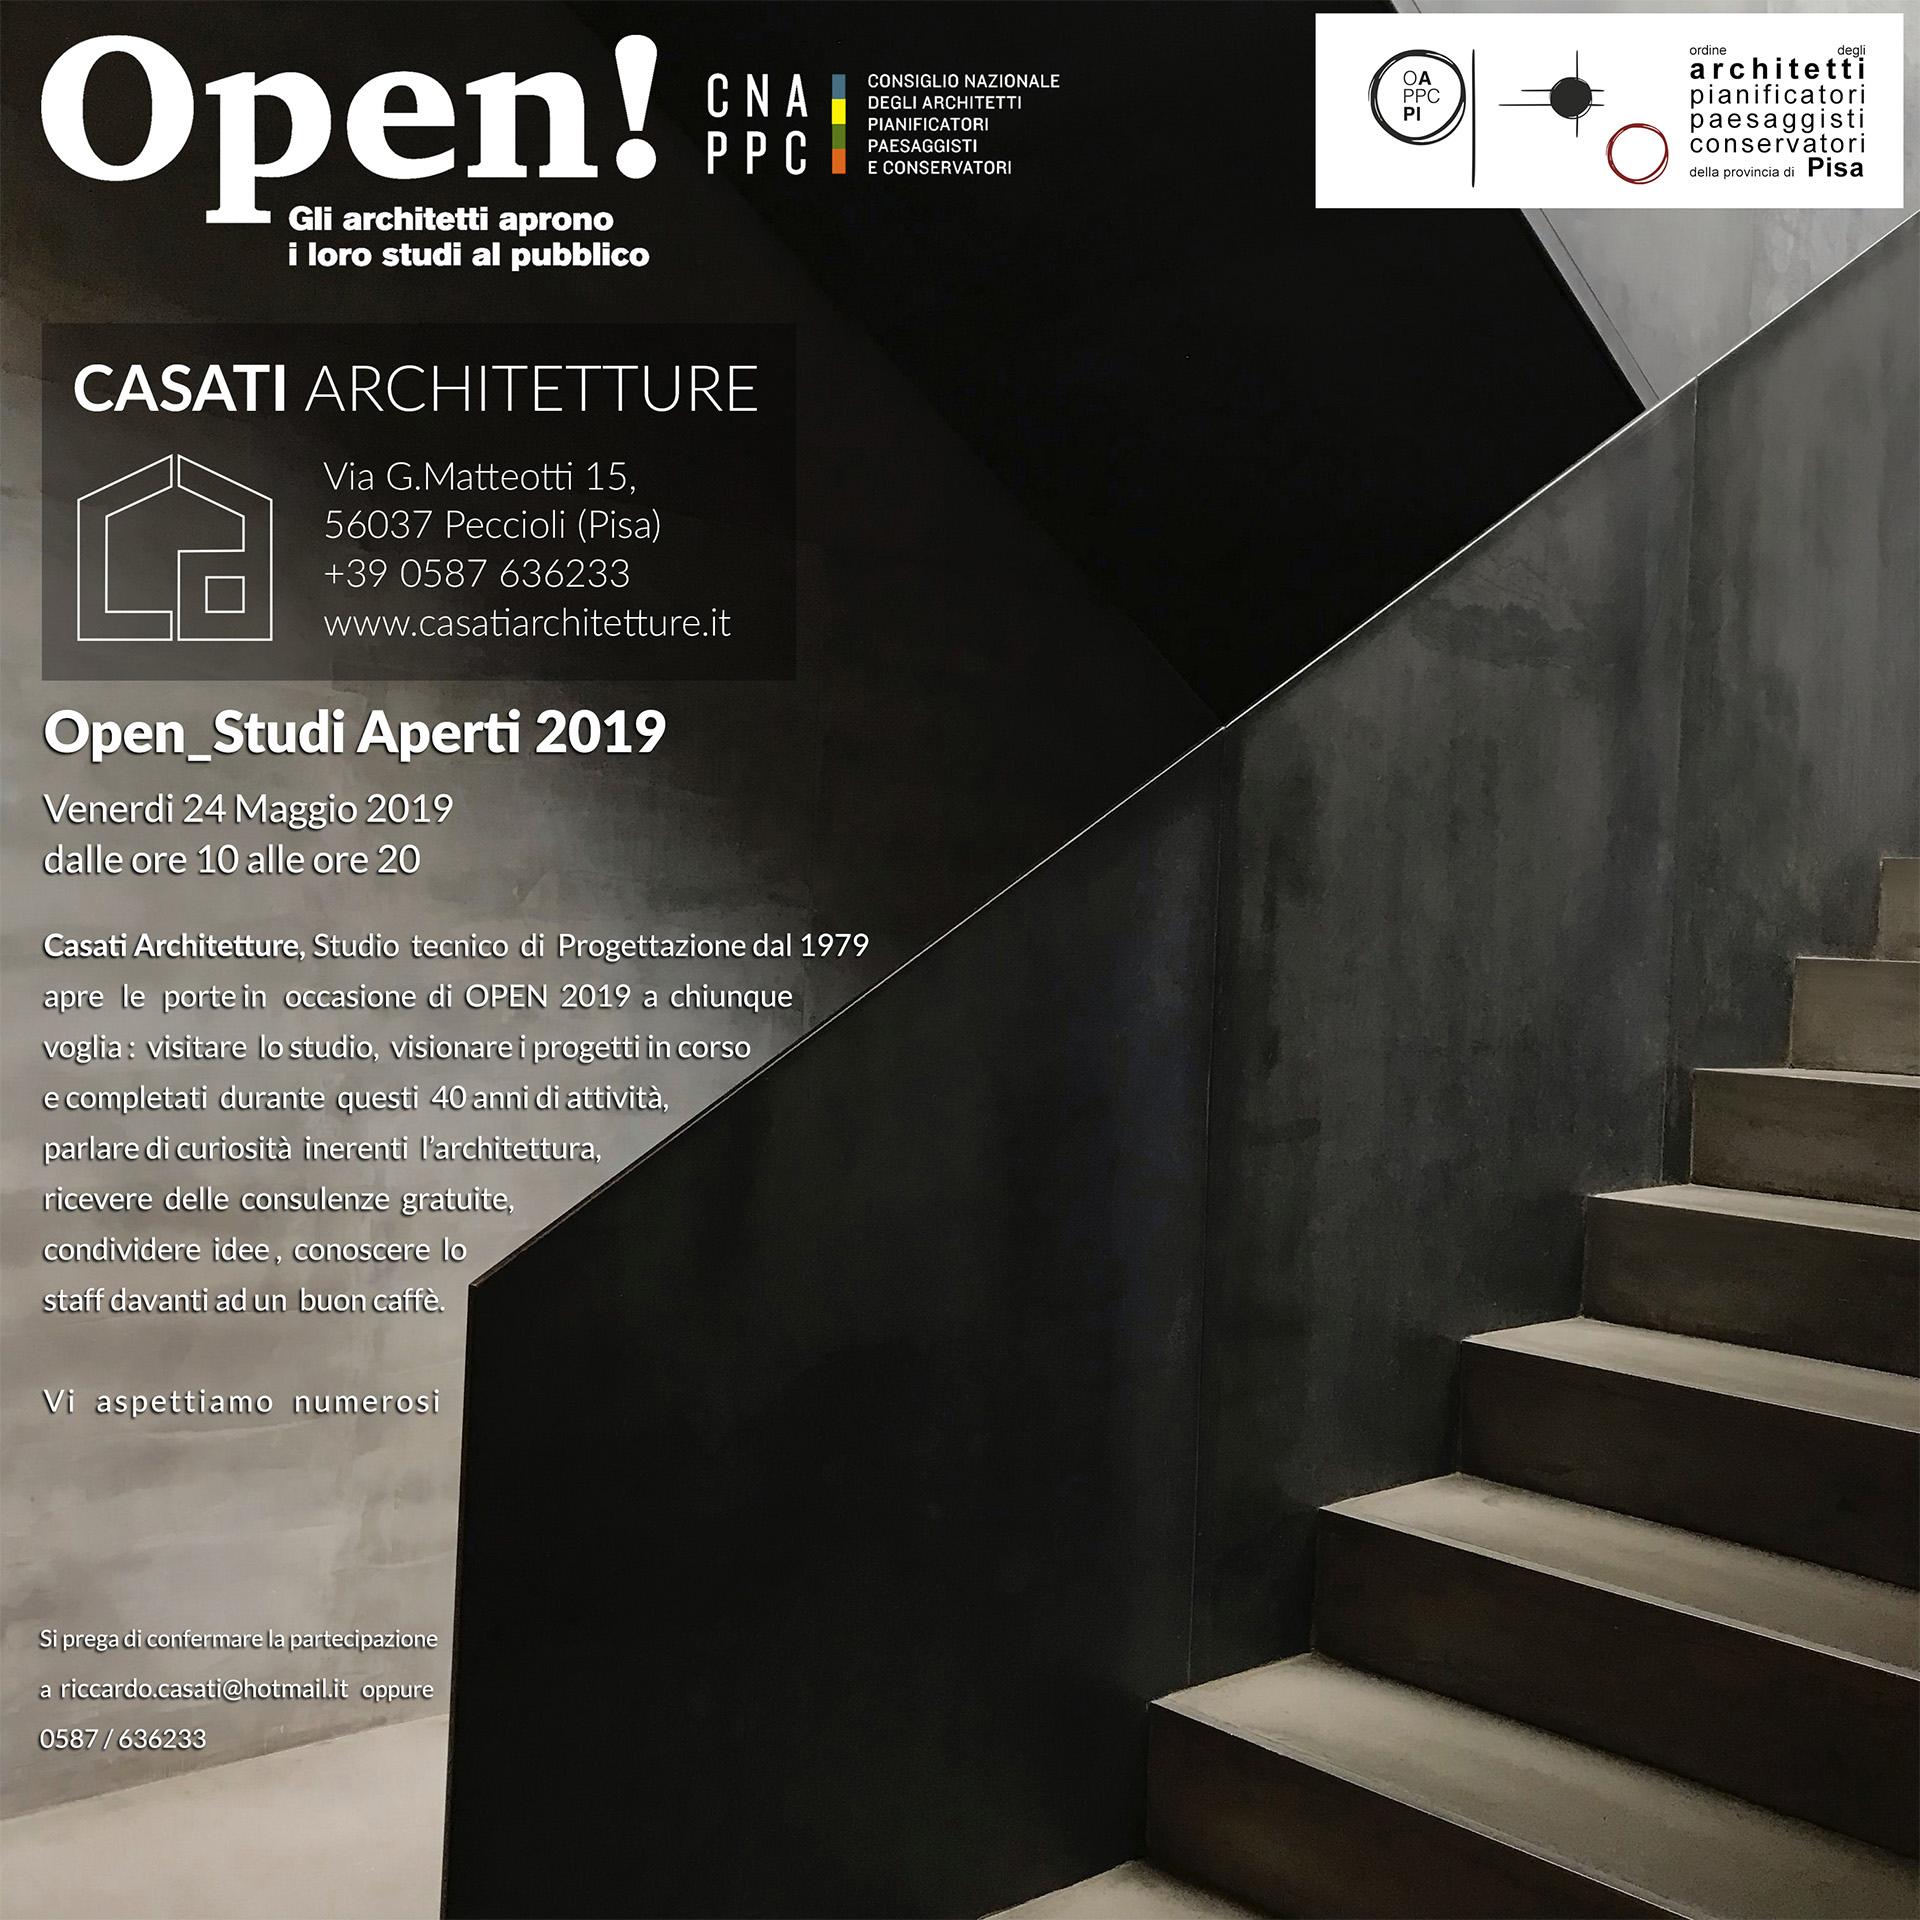 Immagine evento OPEN 2019 - Studi Aperti _ Casati Architetture